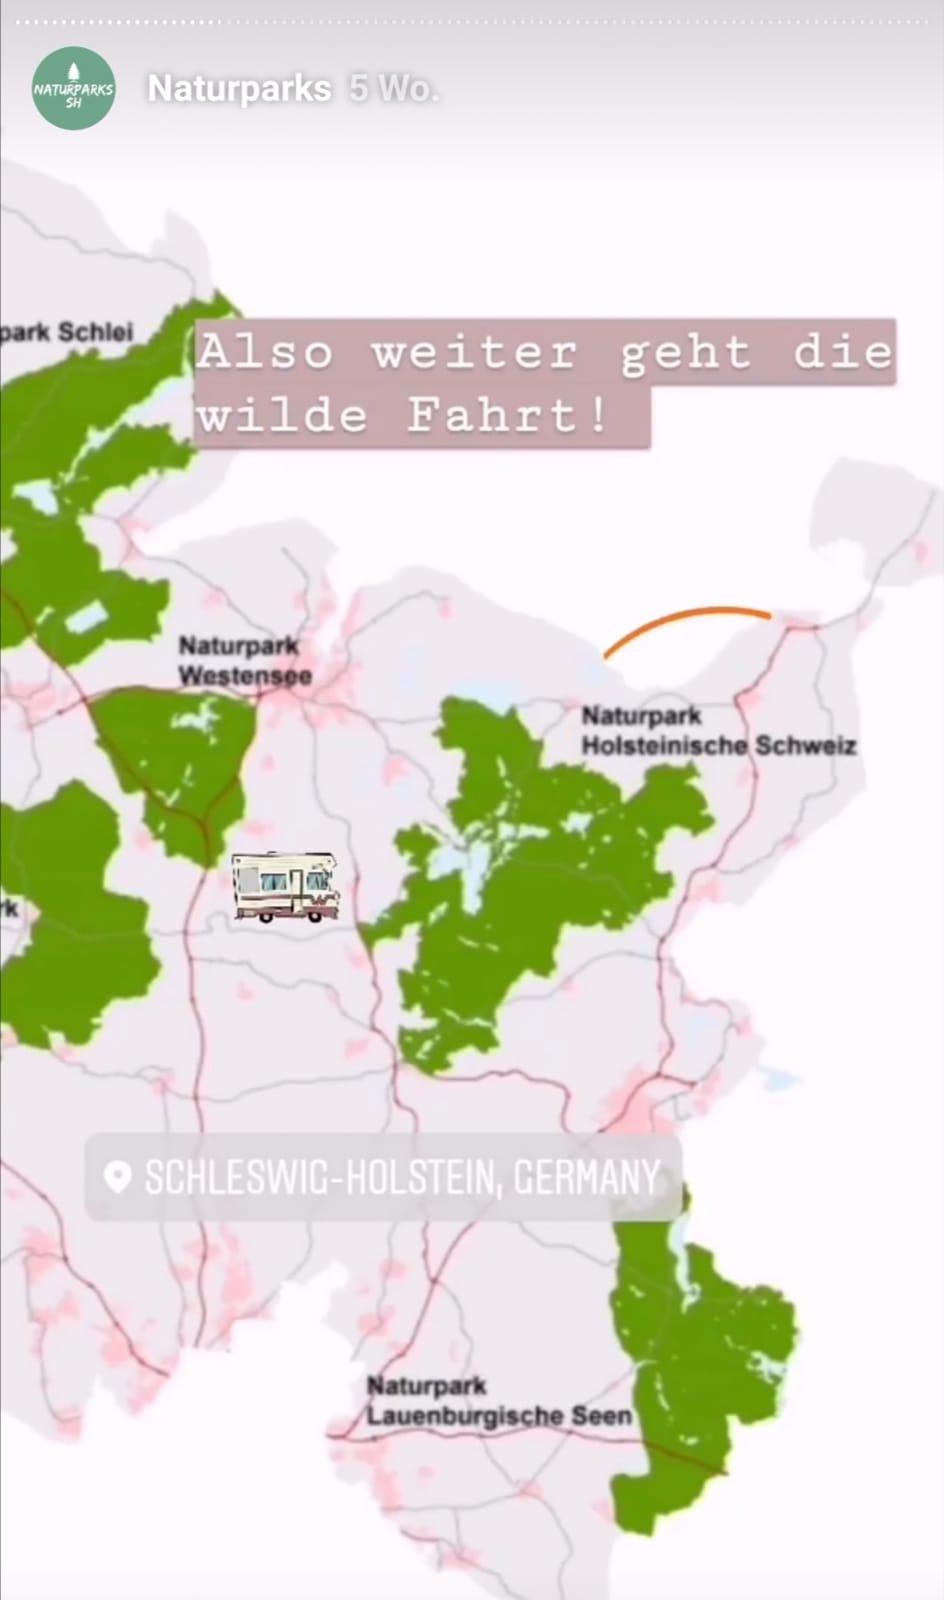 Naturpark Holsteinische Schweiz: Naturparks Schleswig-Holstein: nordischgruen